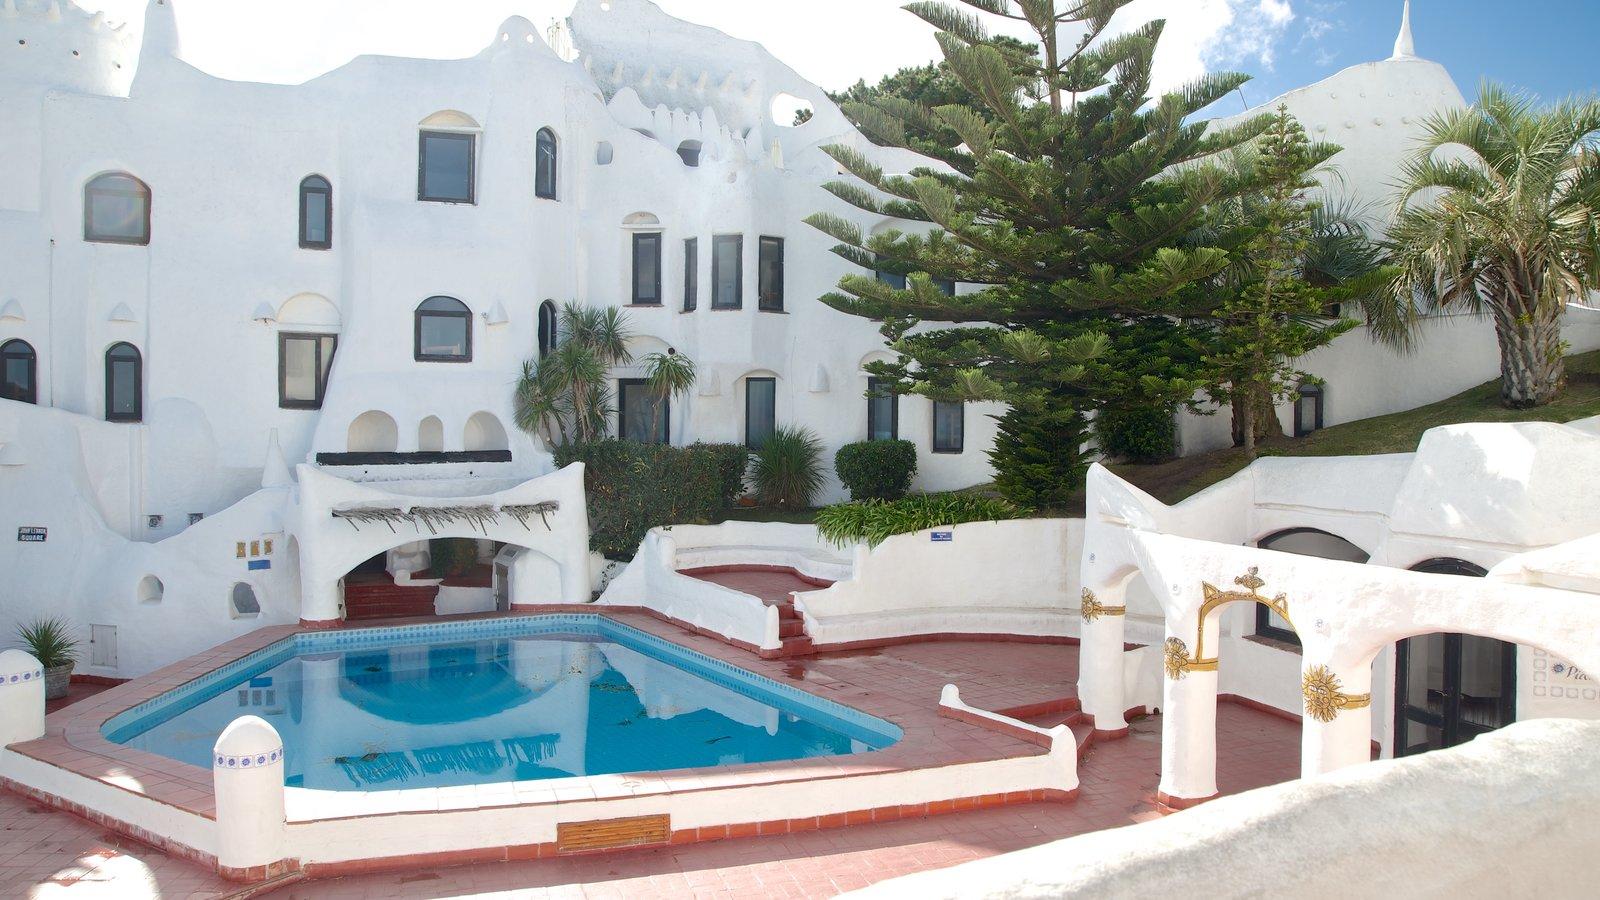 Punta Ballena mostrando uma piscina e arquitetura de patrimônio